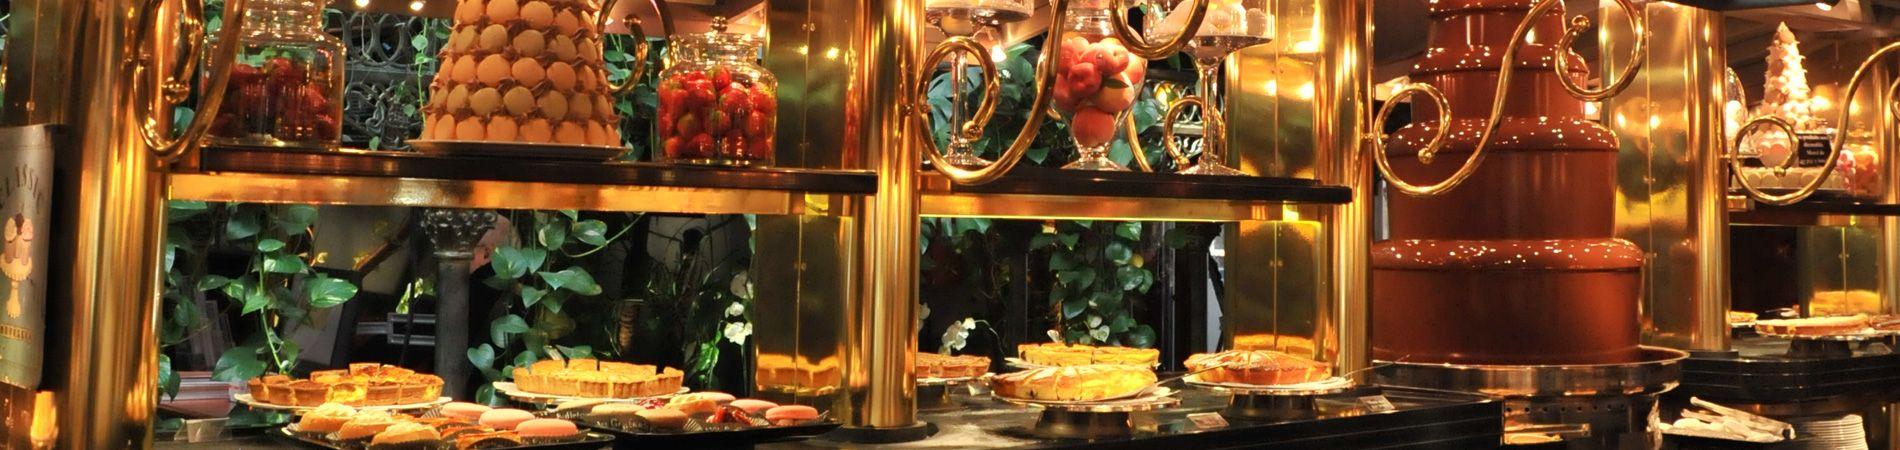 La fontaine au chocolat des Grands buffets